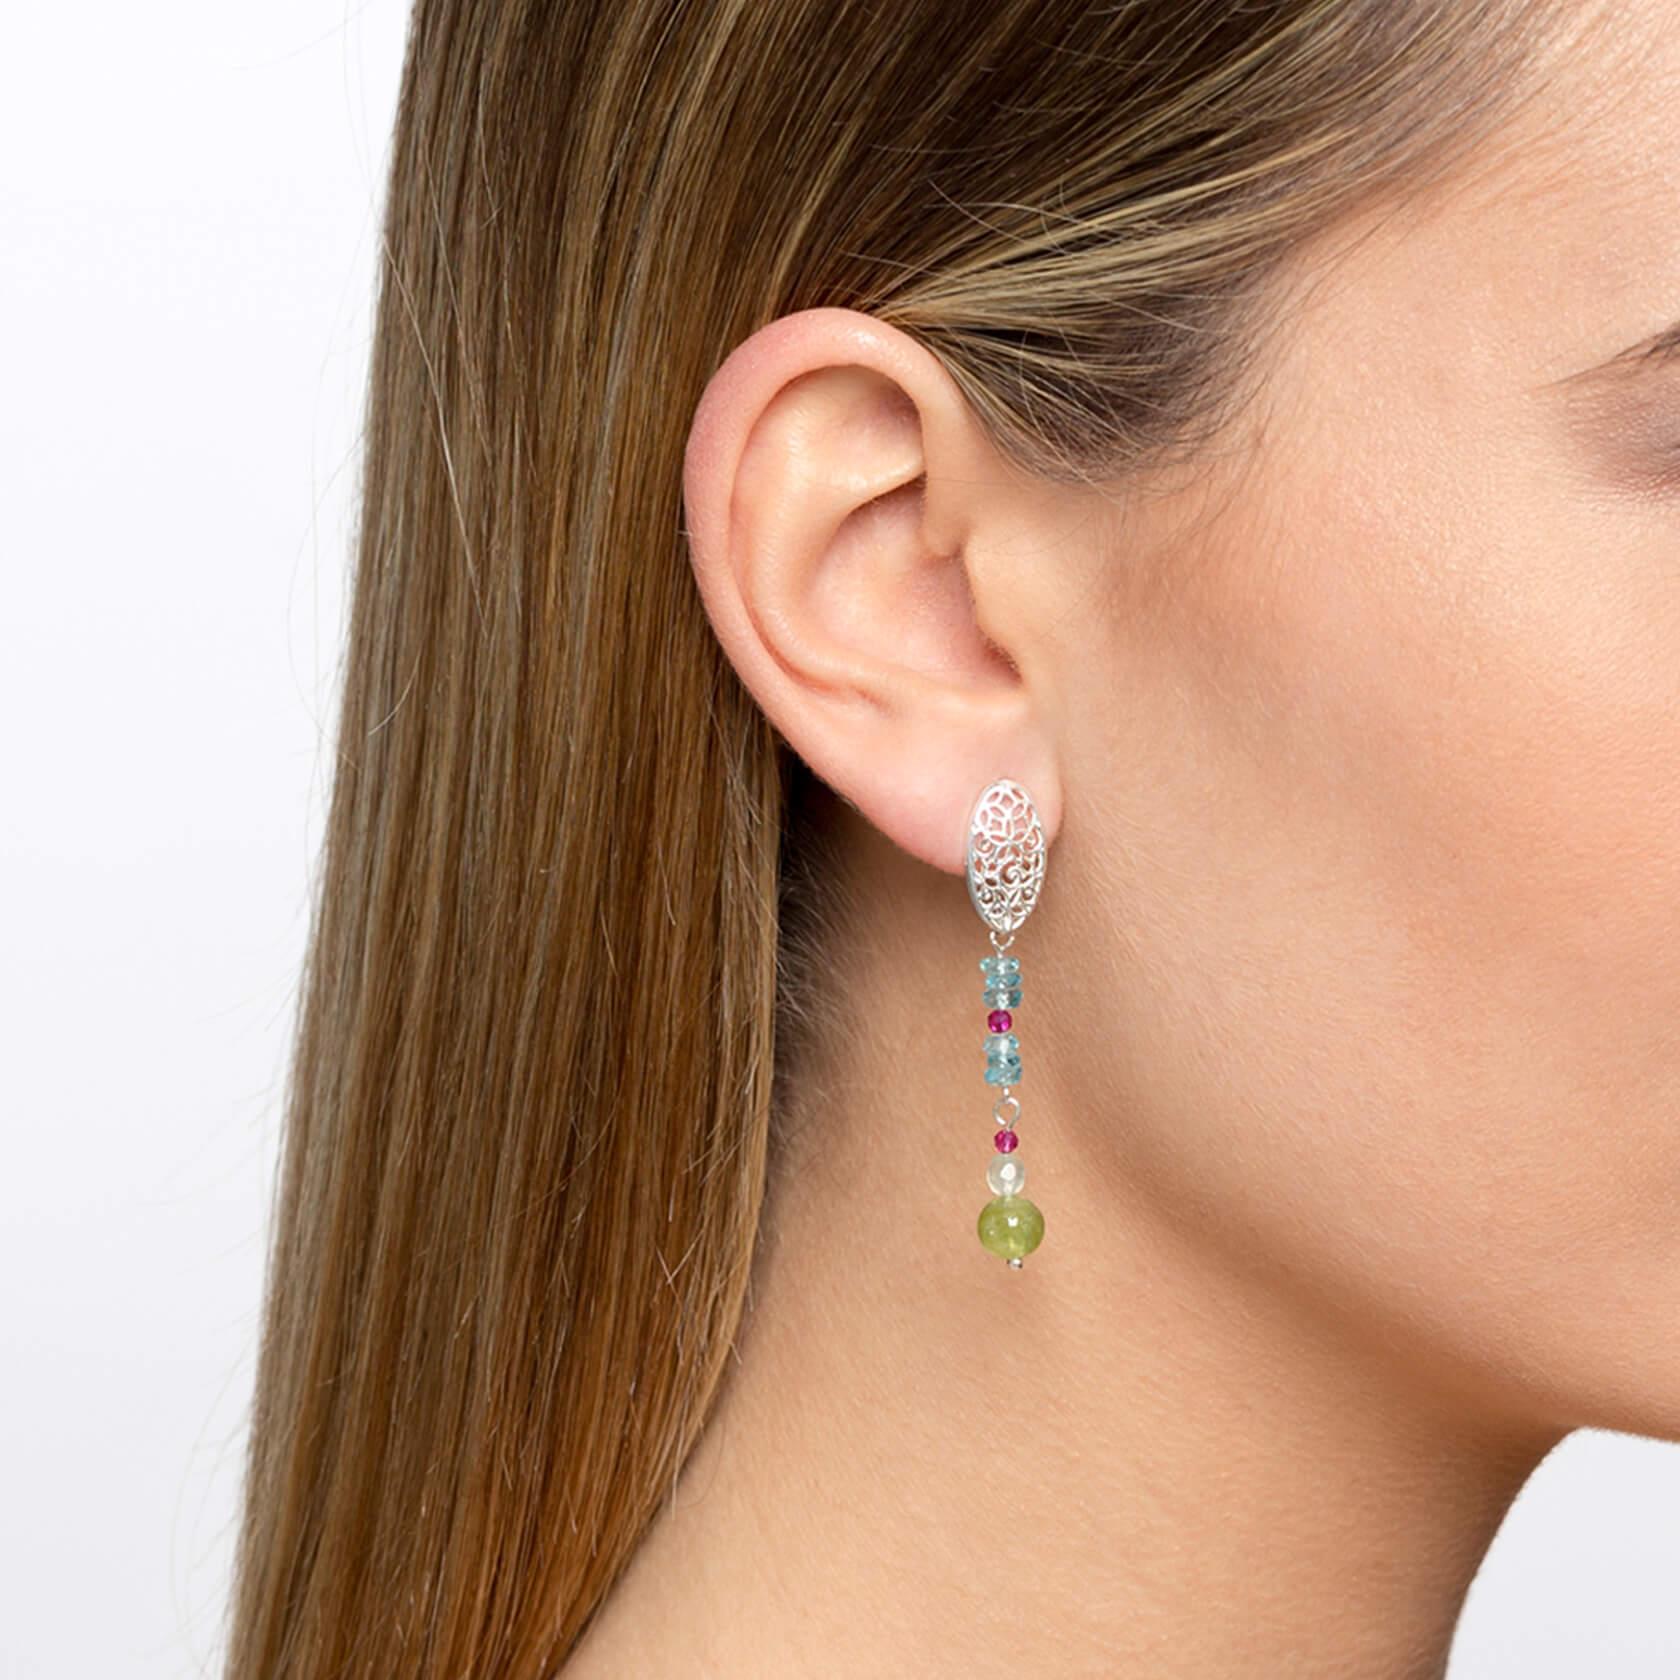 Apatite earrings with oval mandala karashi